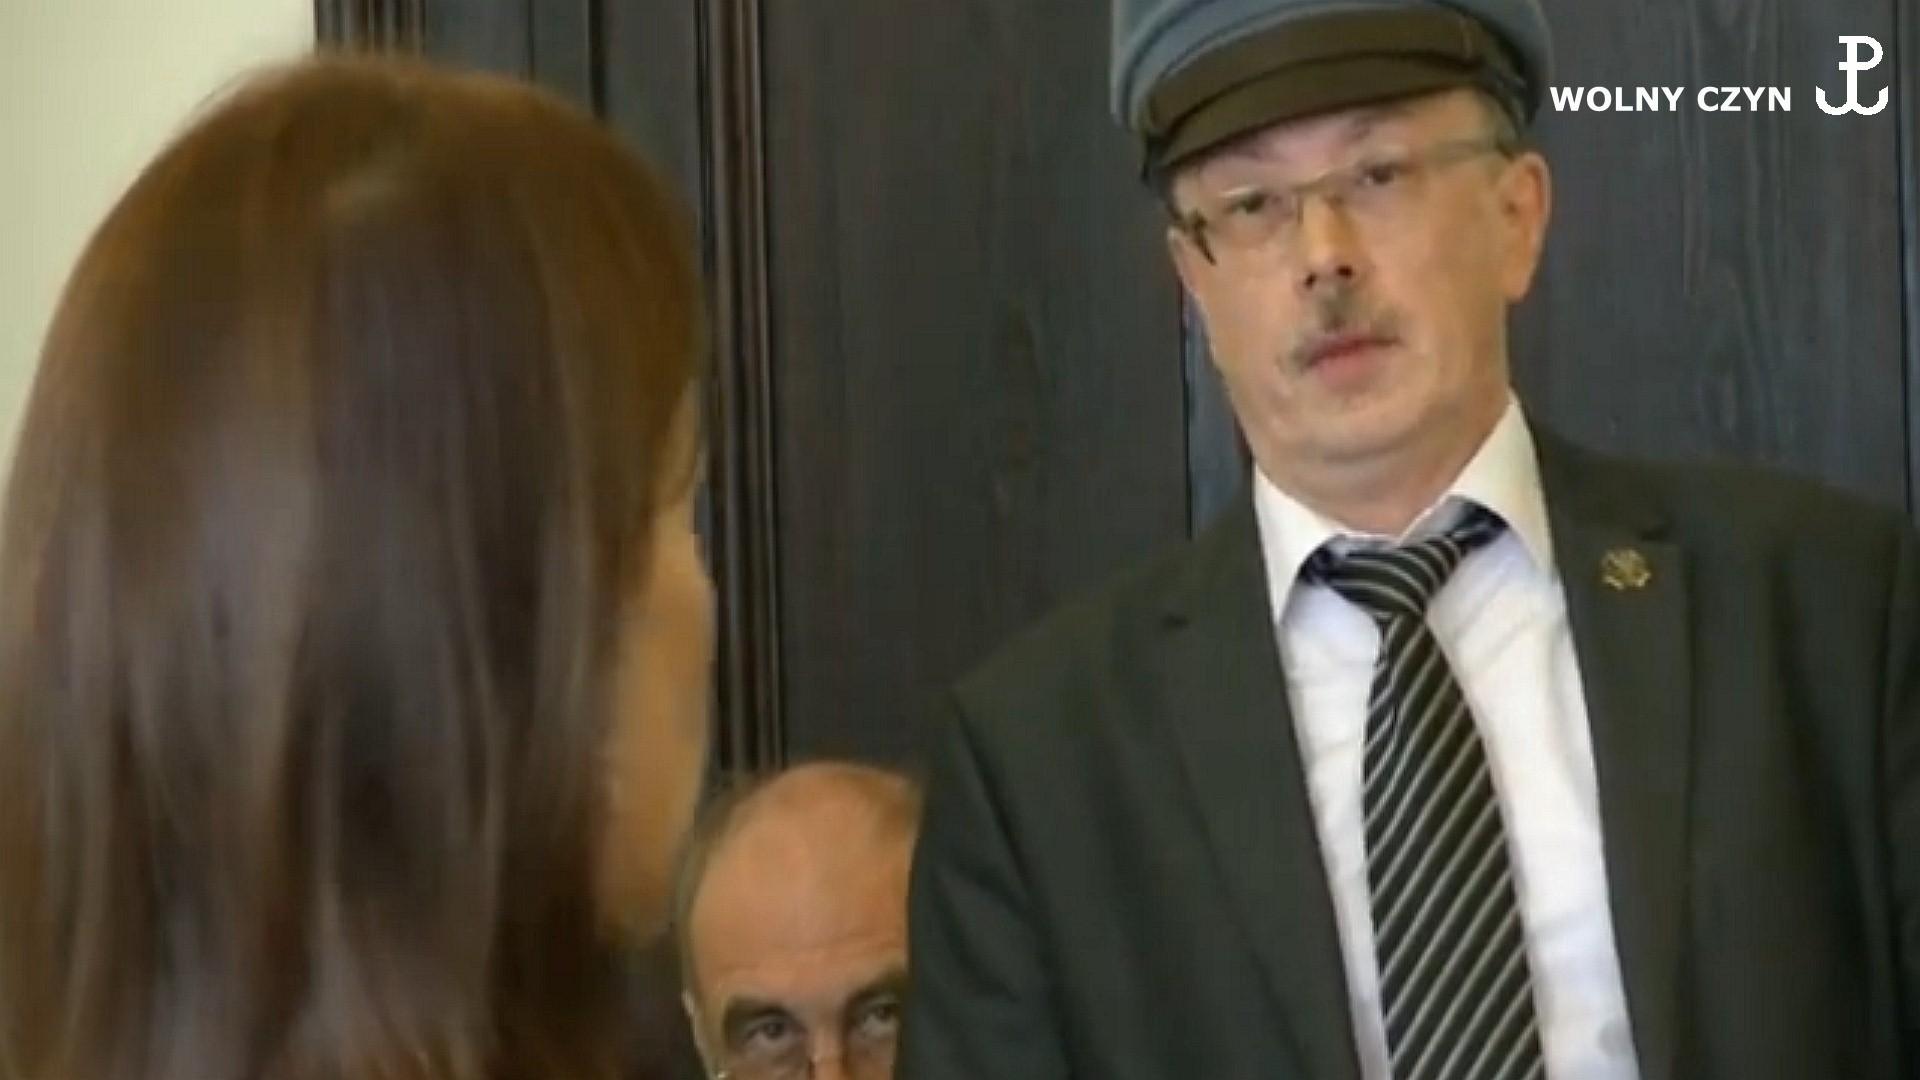 WOLNY CZYN: Środa godz. 10: ogłoszenie wyroku w procesie KPN Niezłomni w Bytomiu